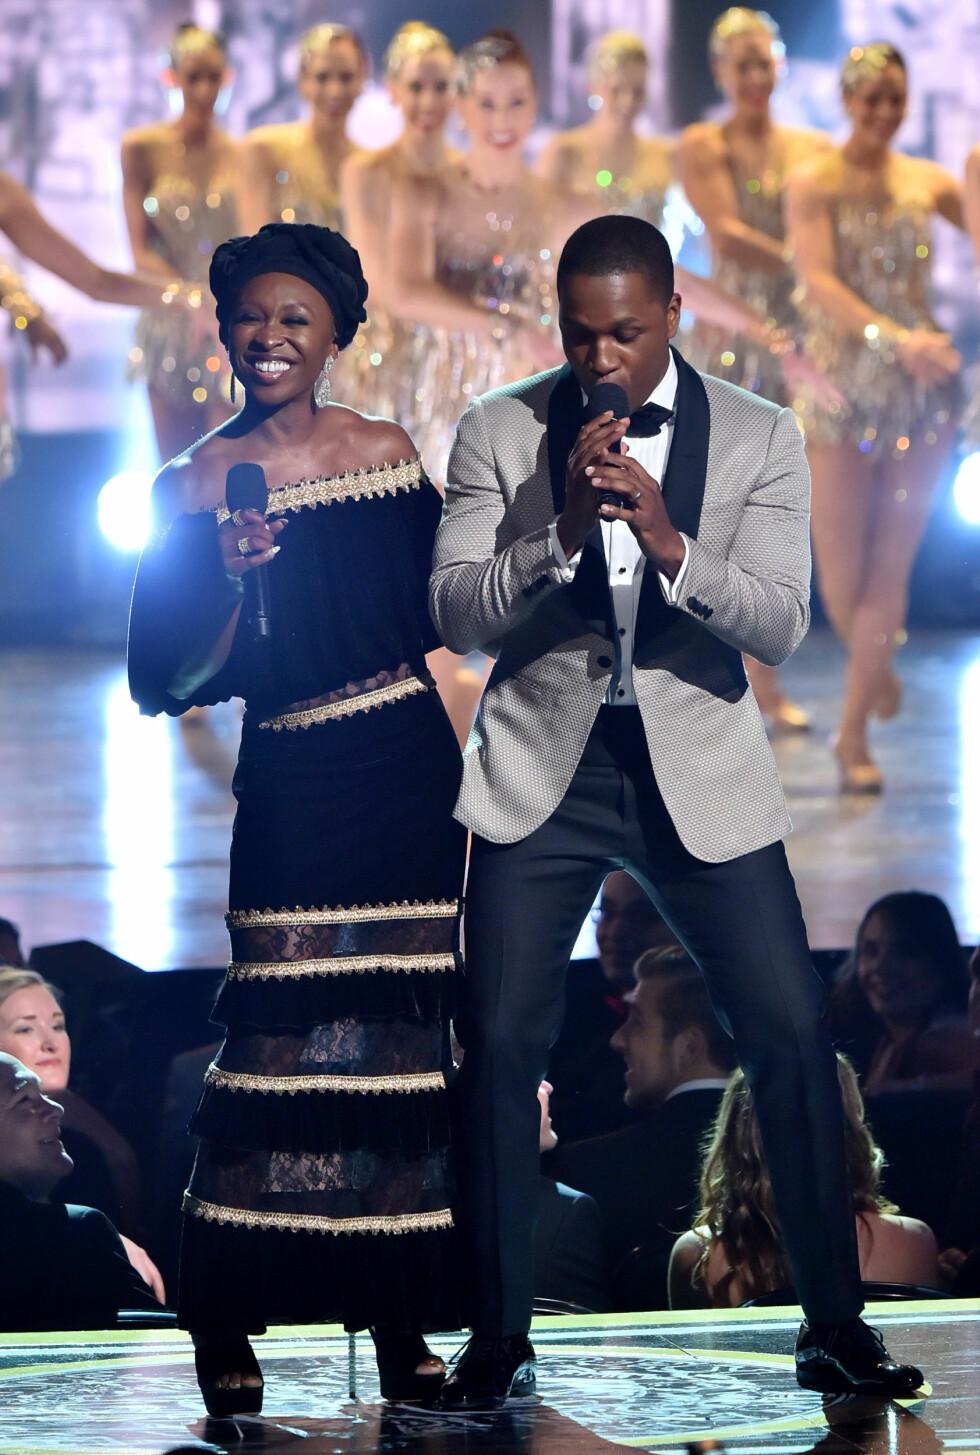 TONY AWARDS: Artistene Cynthia Erivo og Leslie Odom Jr. sto for deler av underholdningen. Foto: NTB Scanpix